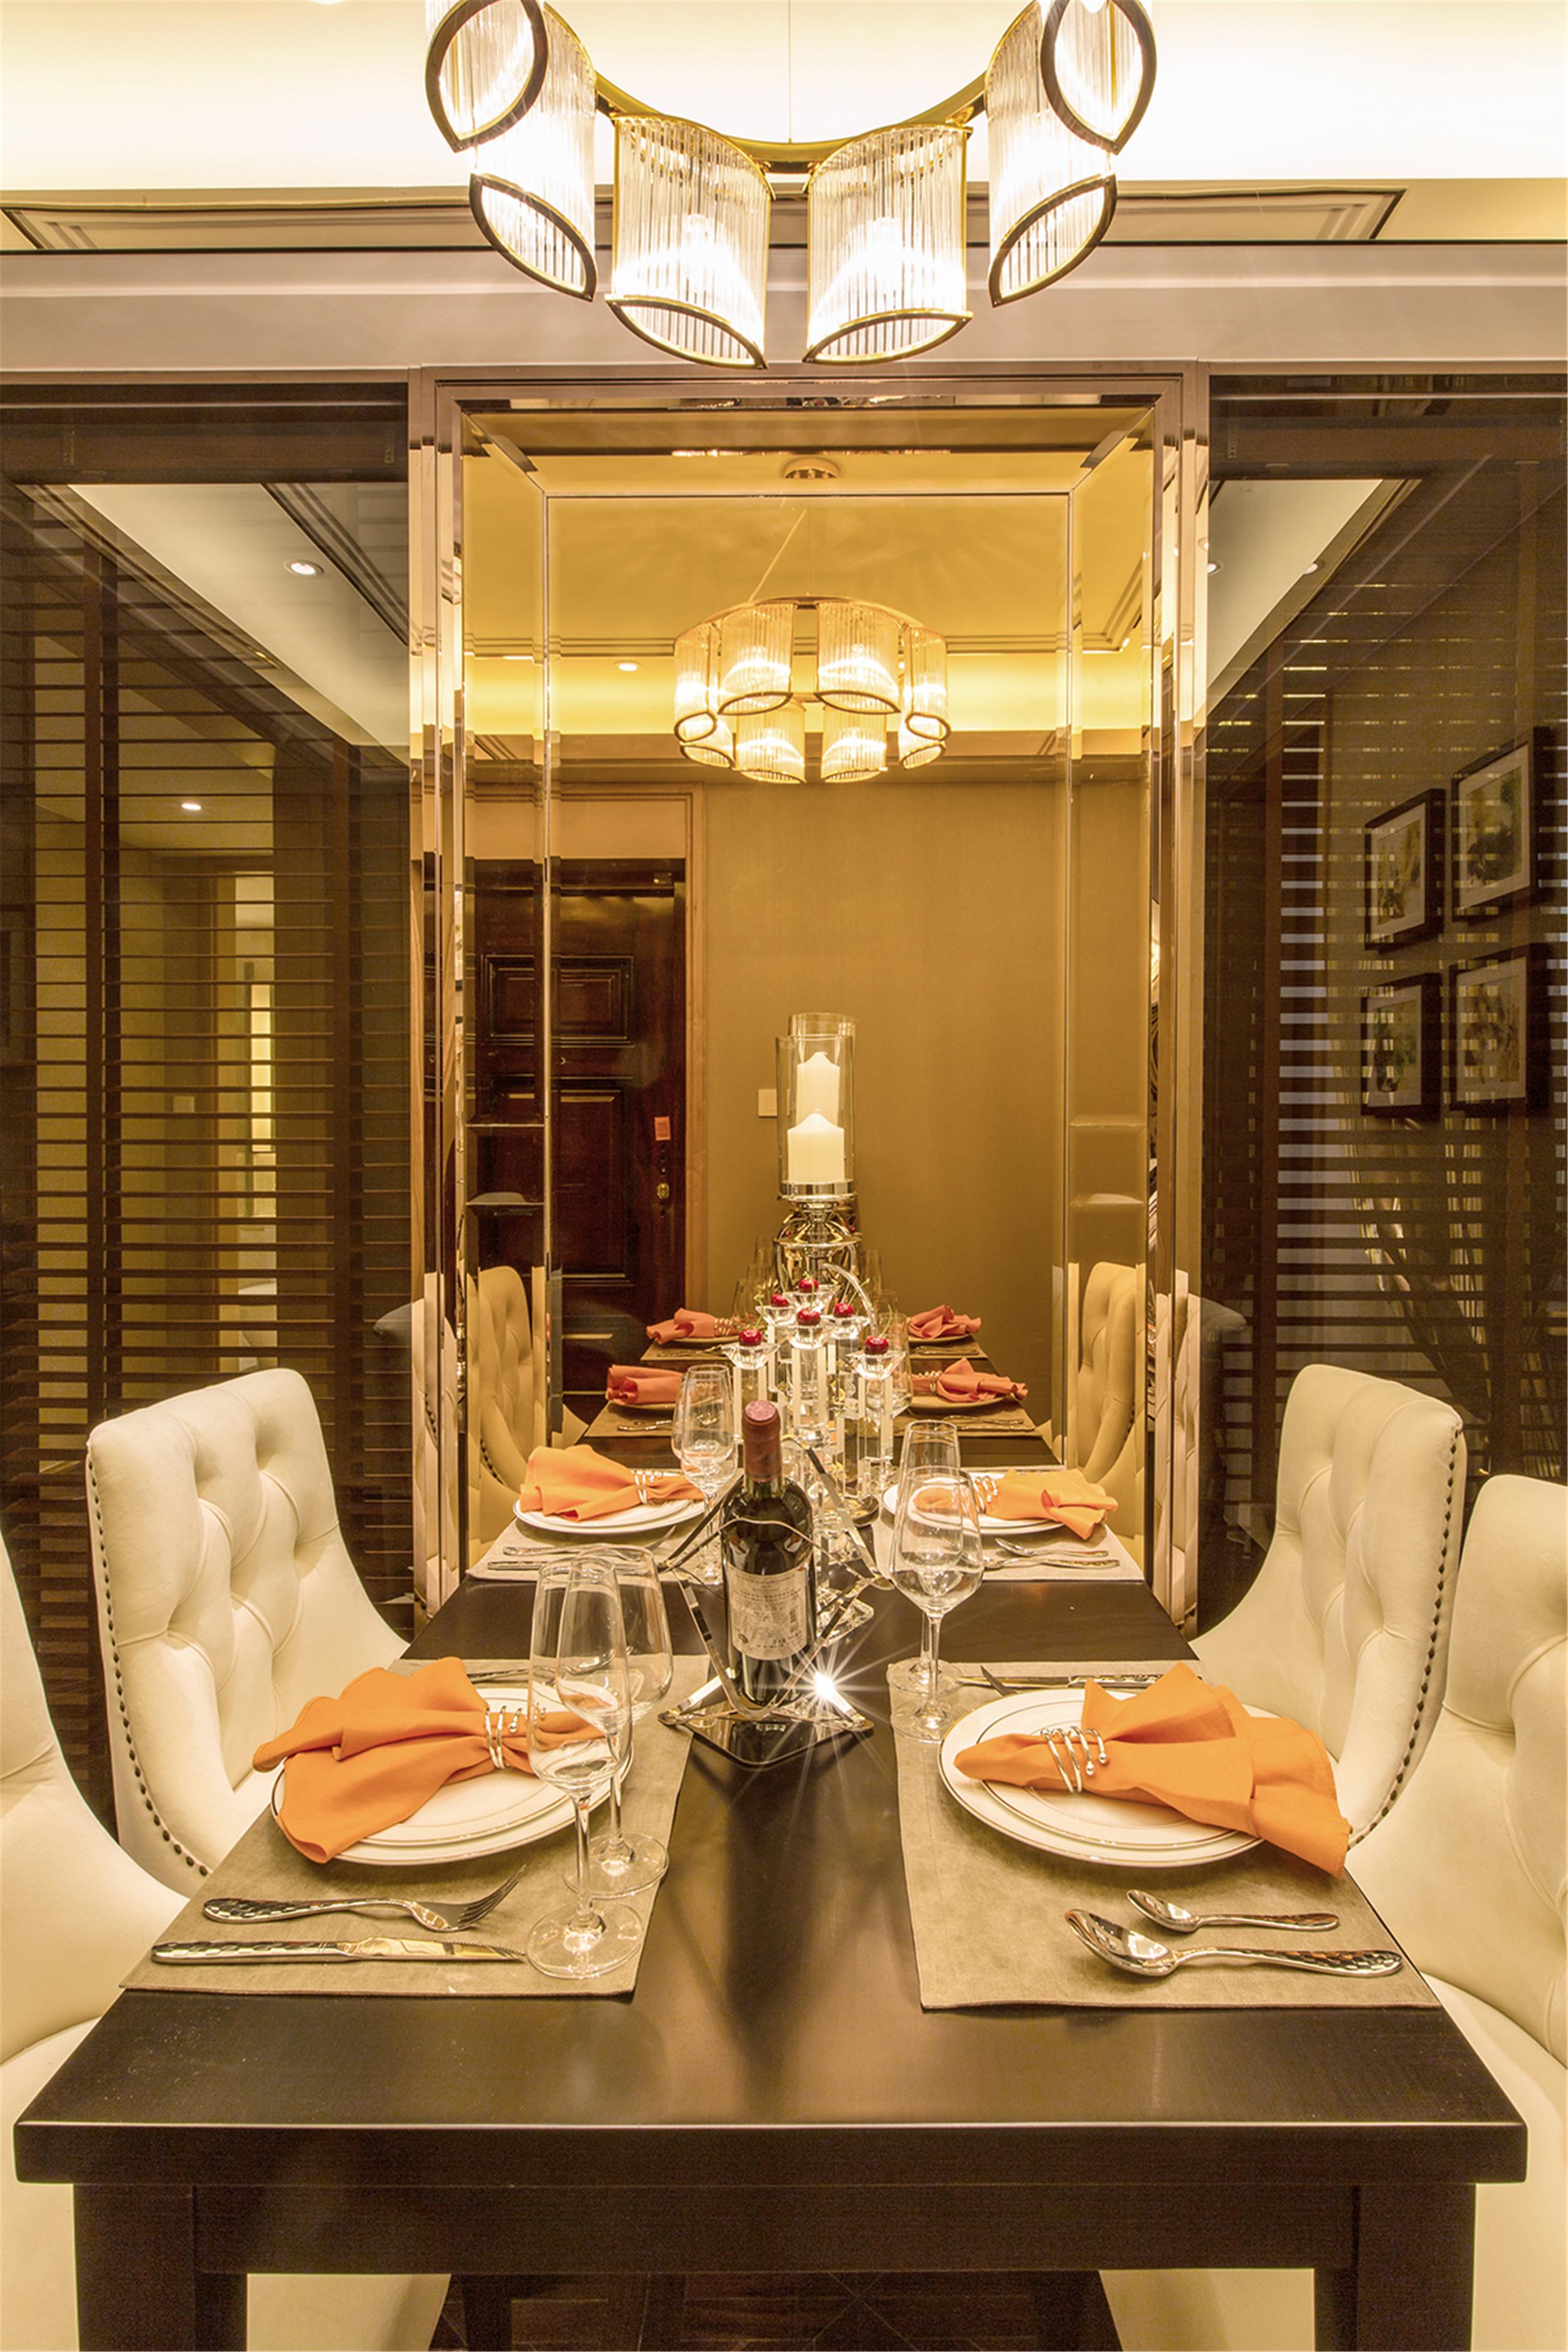 现代奢华装修餐厅背景墙图片